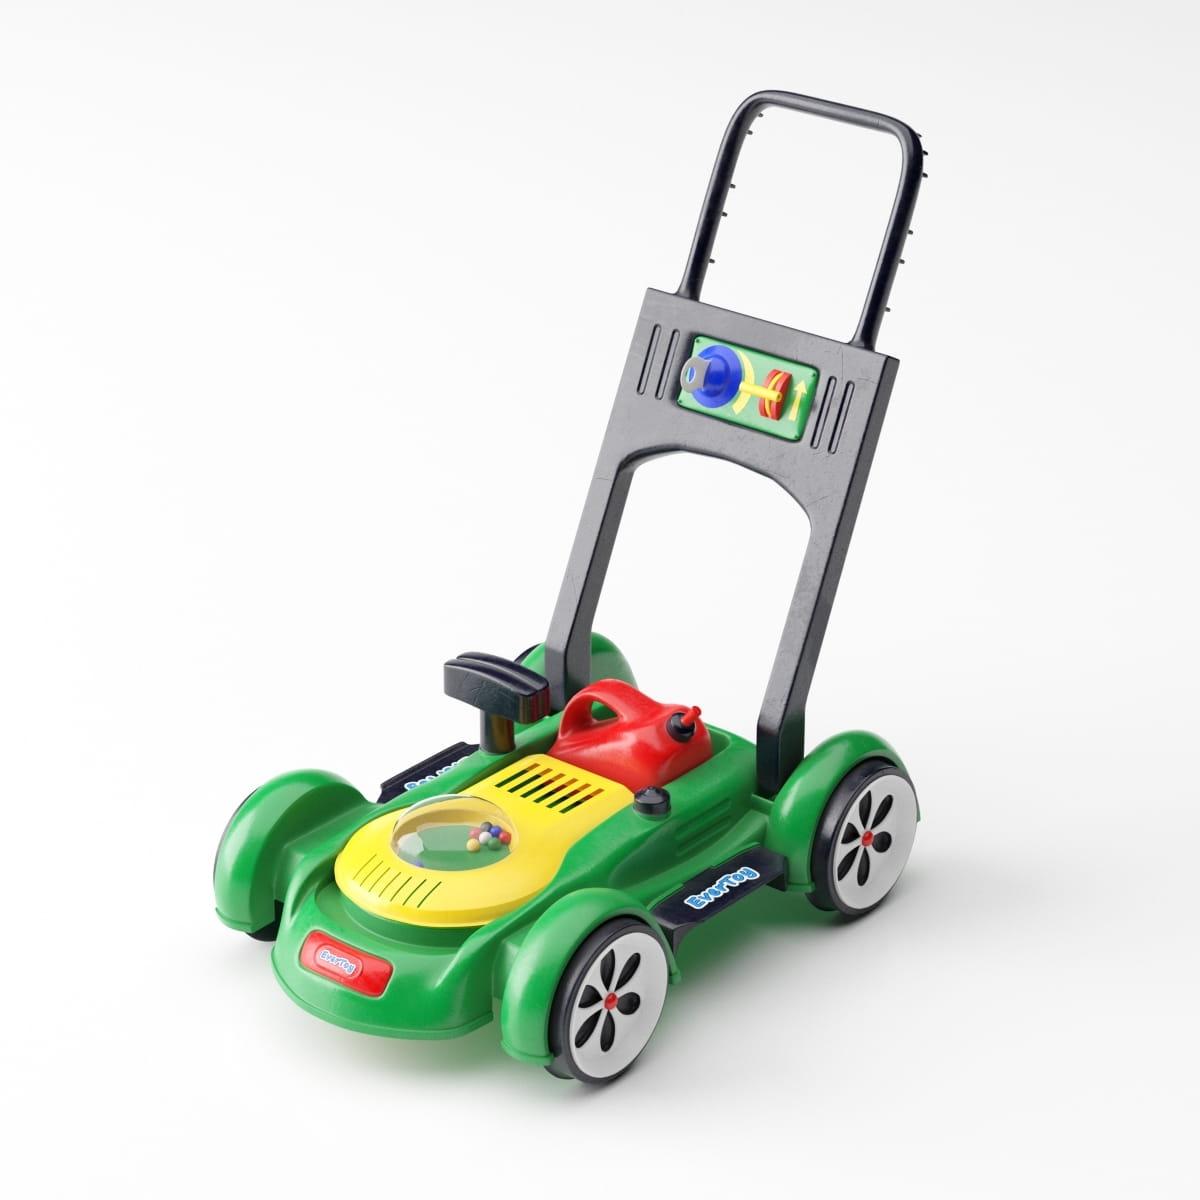 toy 21 AM232 Archmodels